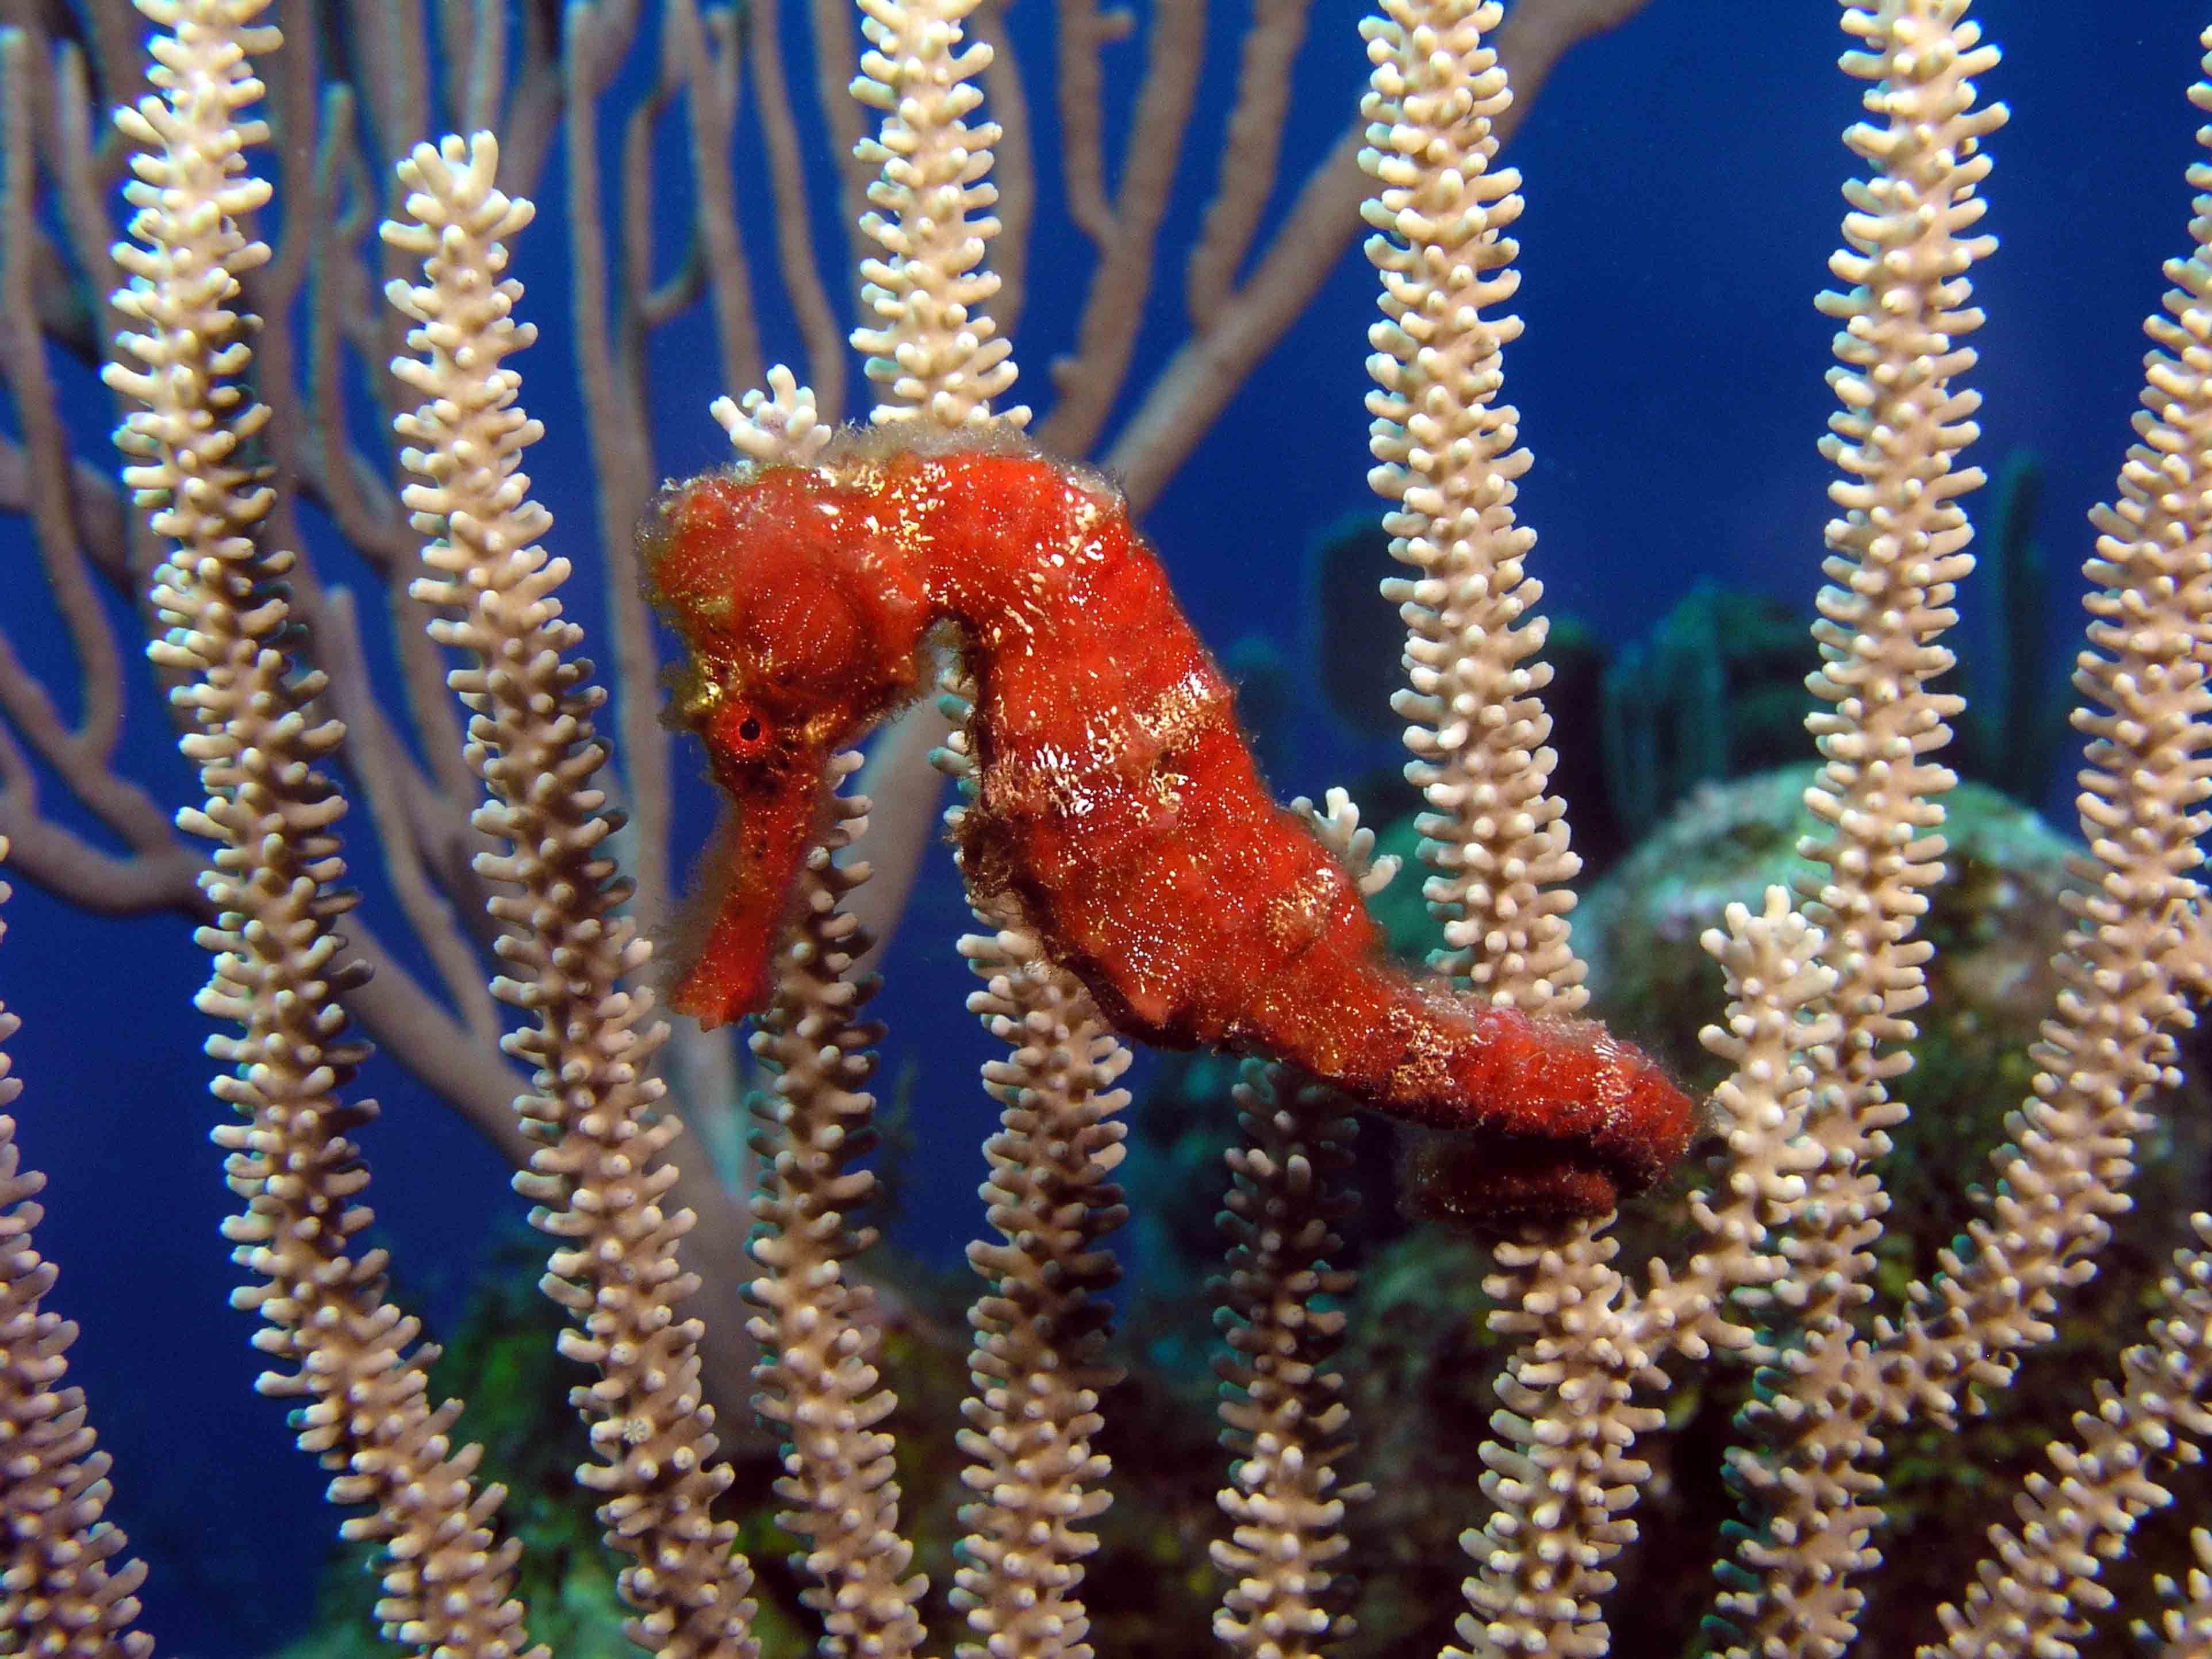 c5400d4b971608e03e552fea7053962e Luxe De Crevette Aquarium Des Idées